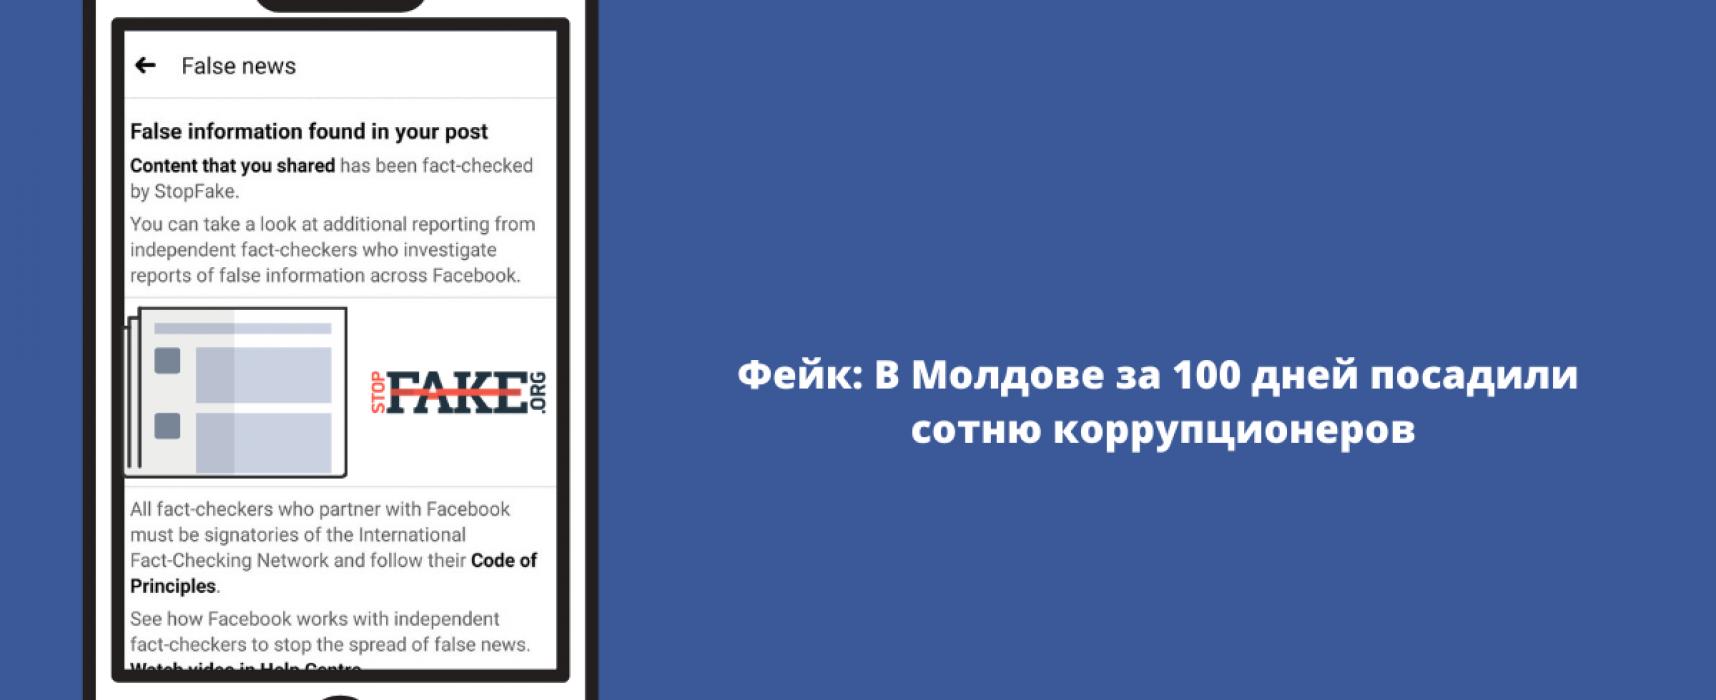 Фейк: В Молдове за 100 дней посадили сотню коррупционеров